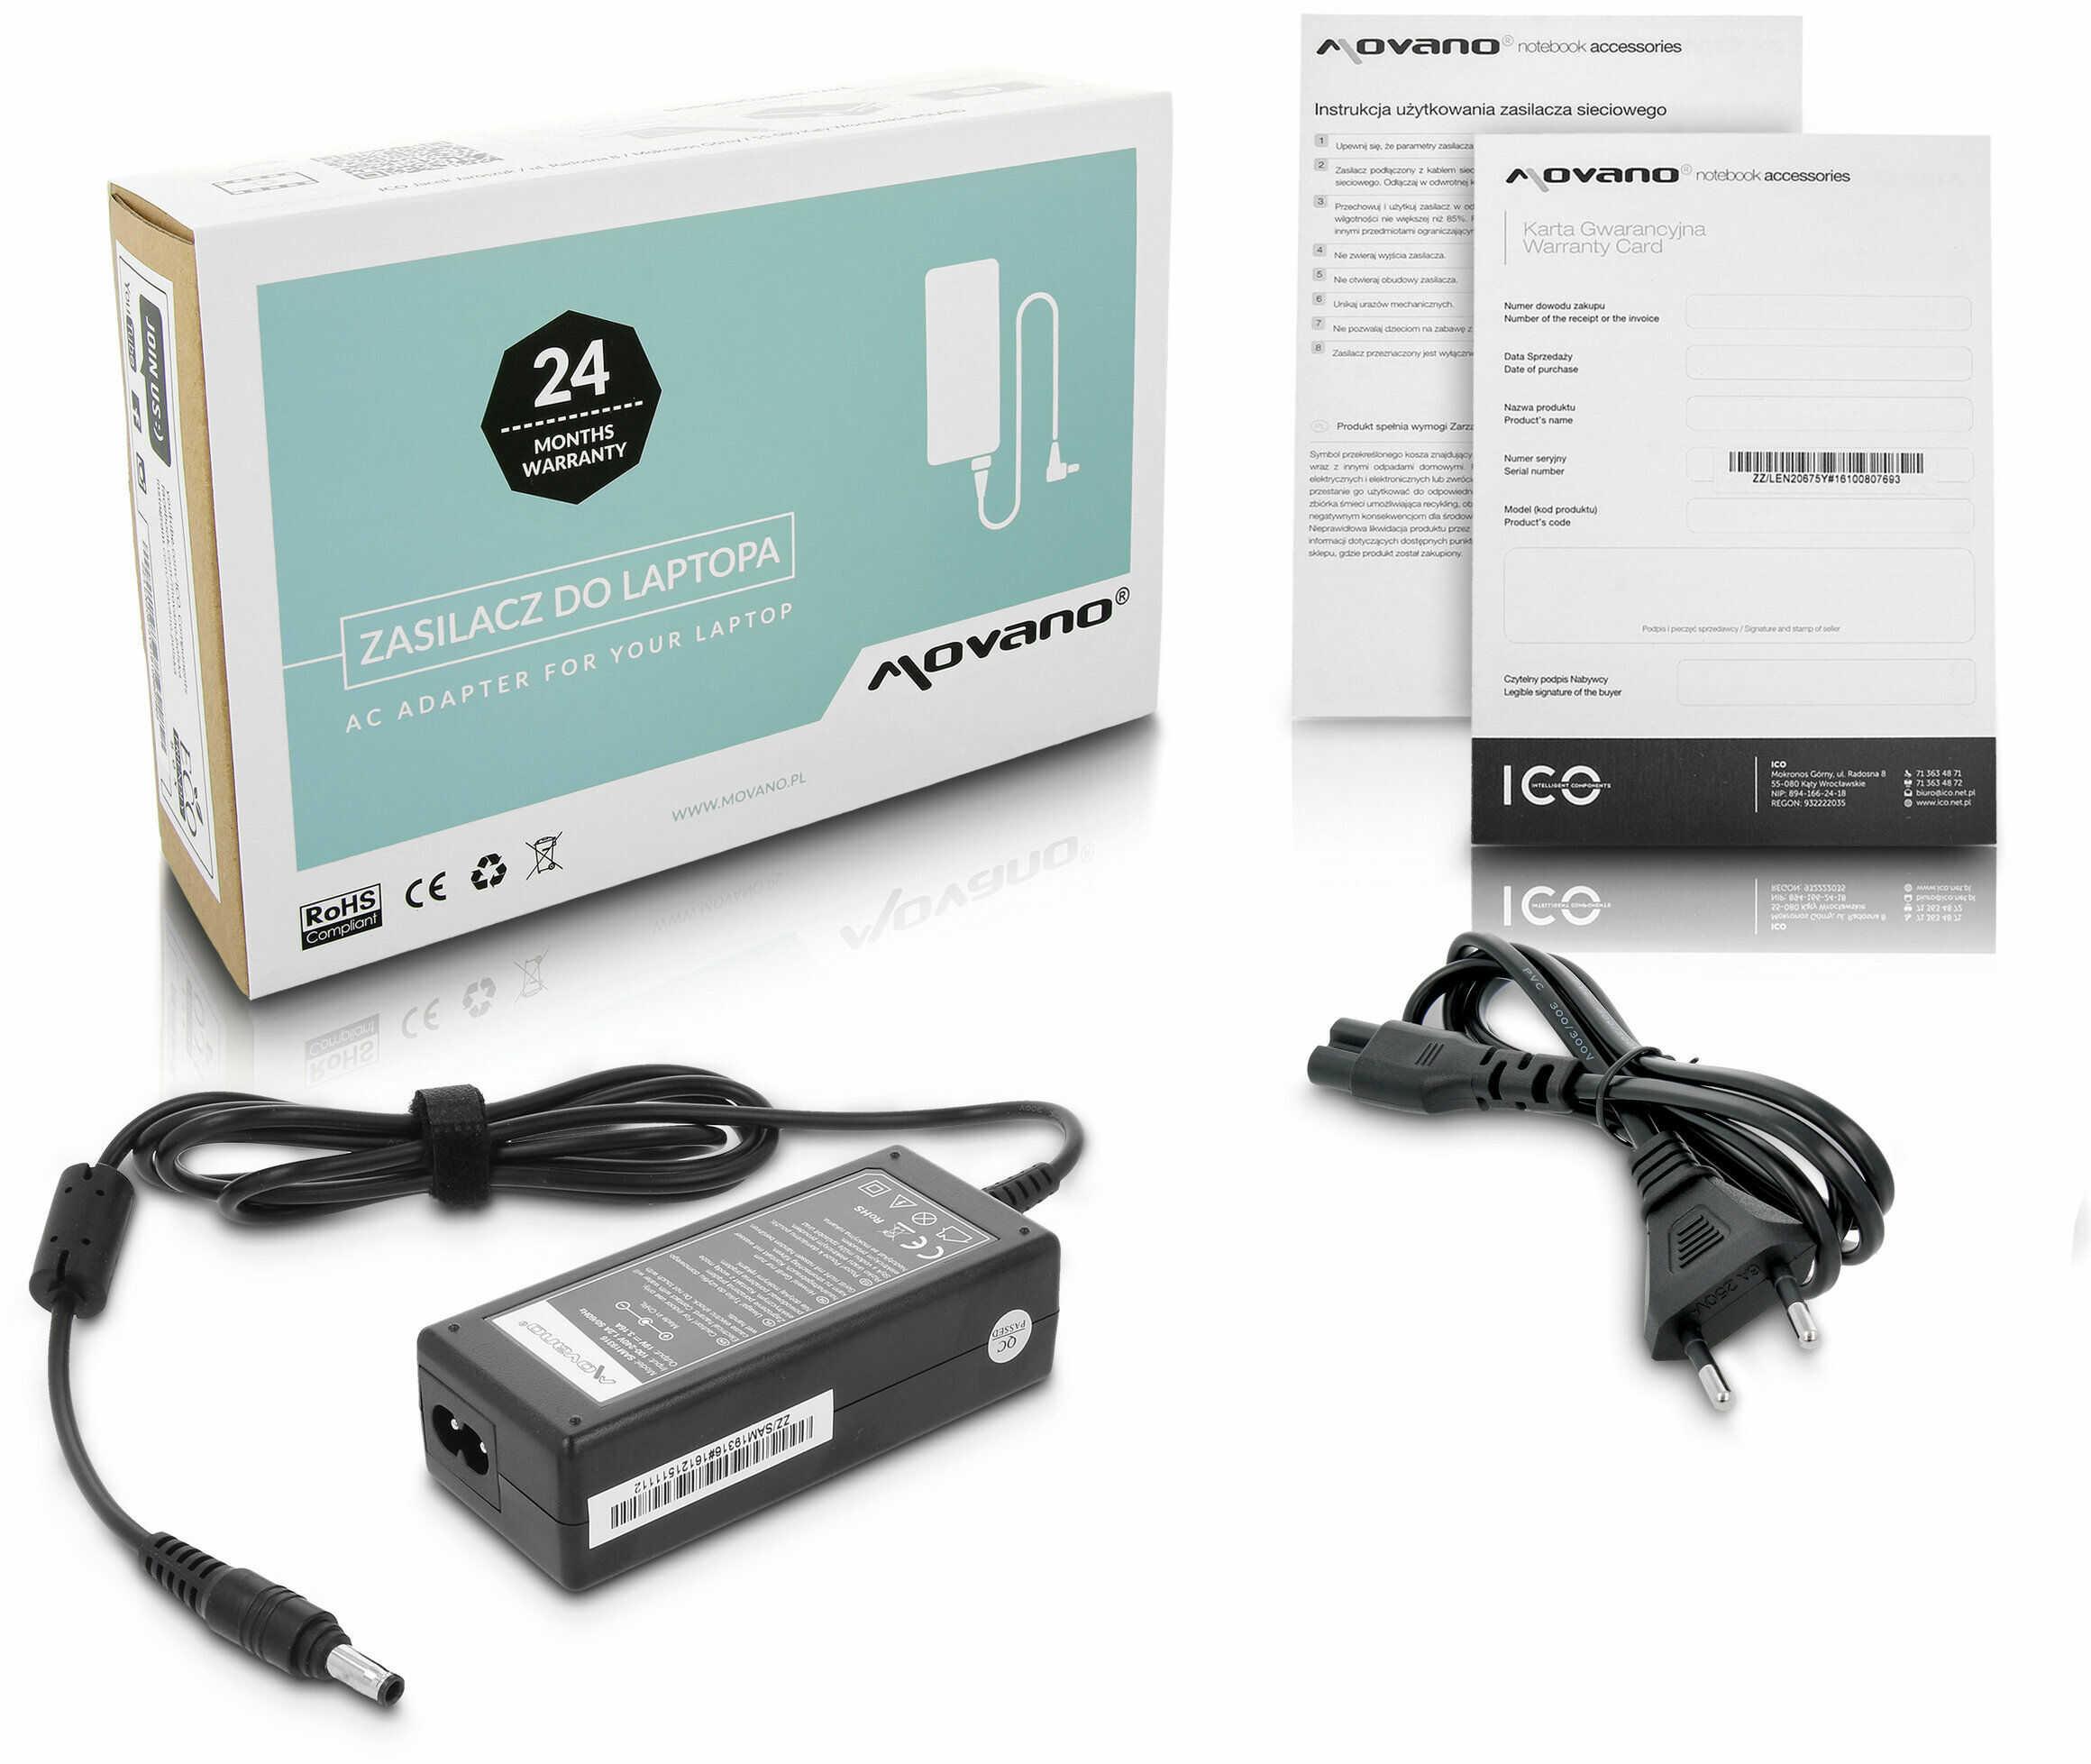 Zasilacz do laptopa Samsung SPA SPA-690E/UK SPA-690E/E Sens Pro 850 680